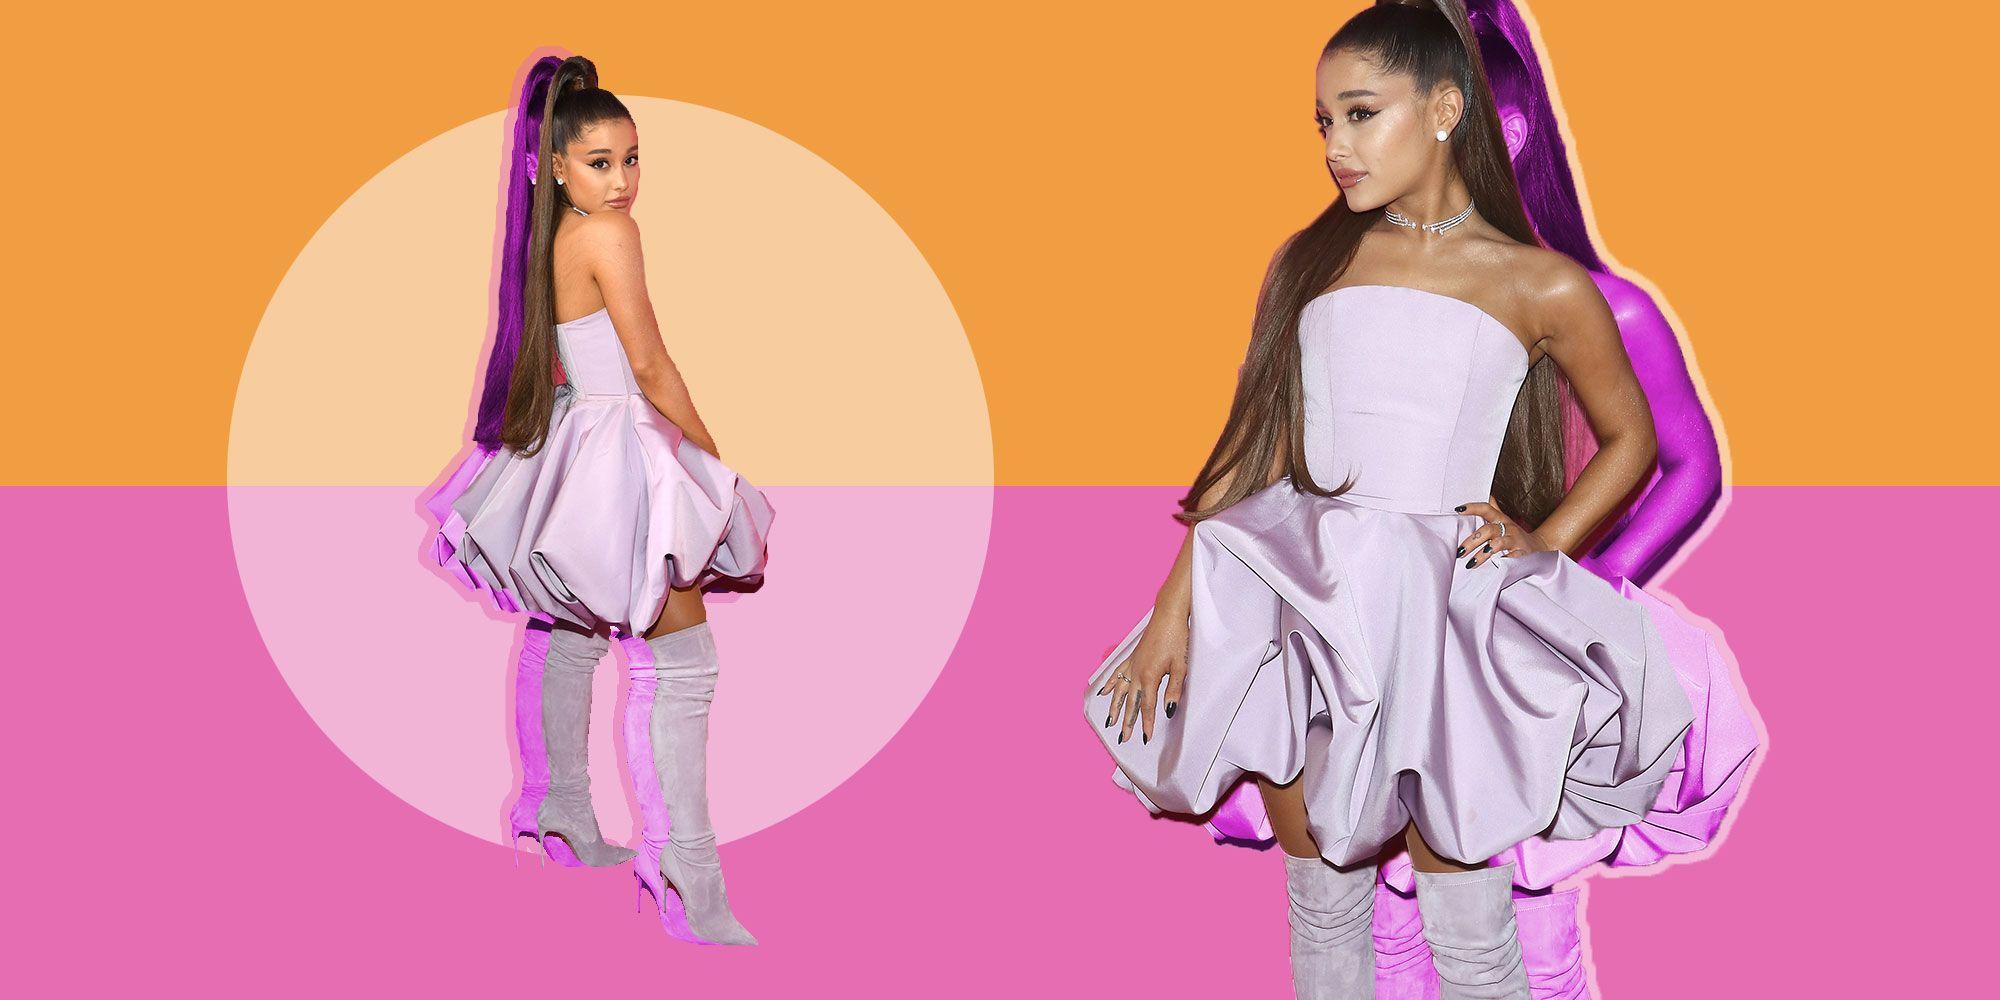 Stivali alti inverno 2019, i cuissard di Ariana Grande